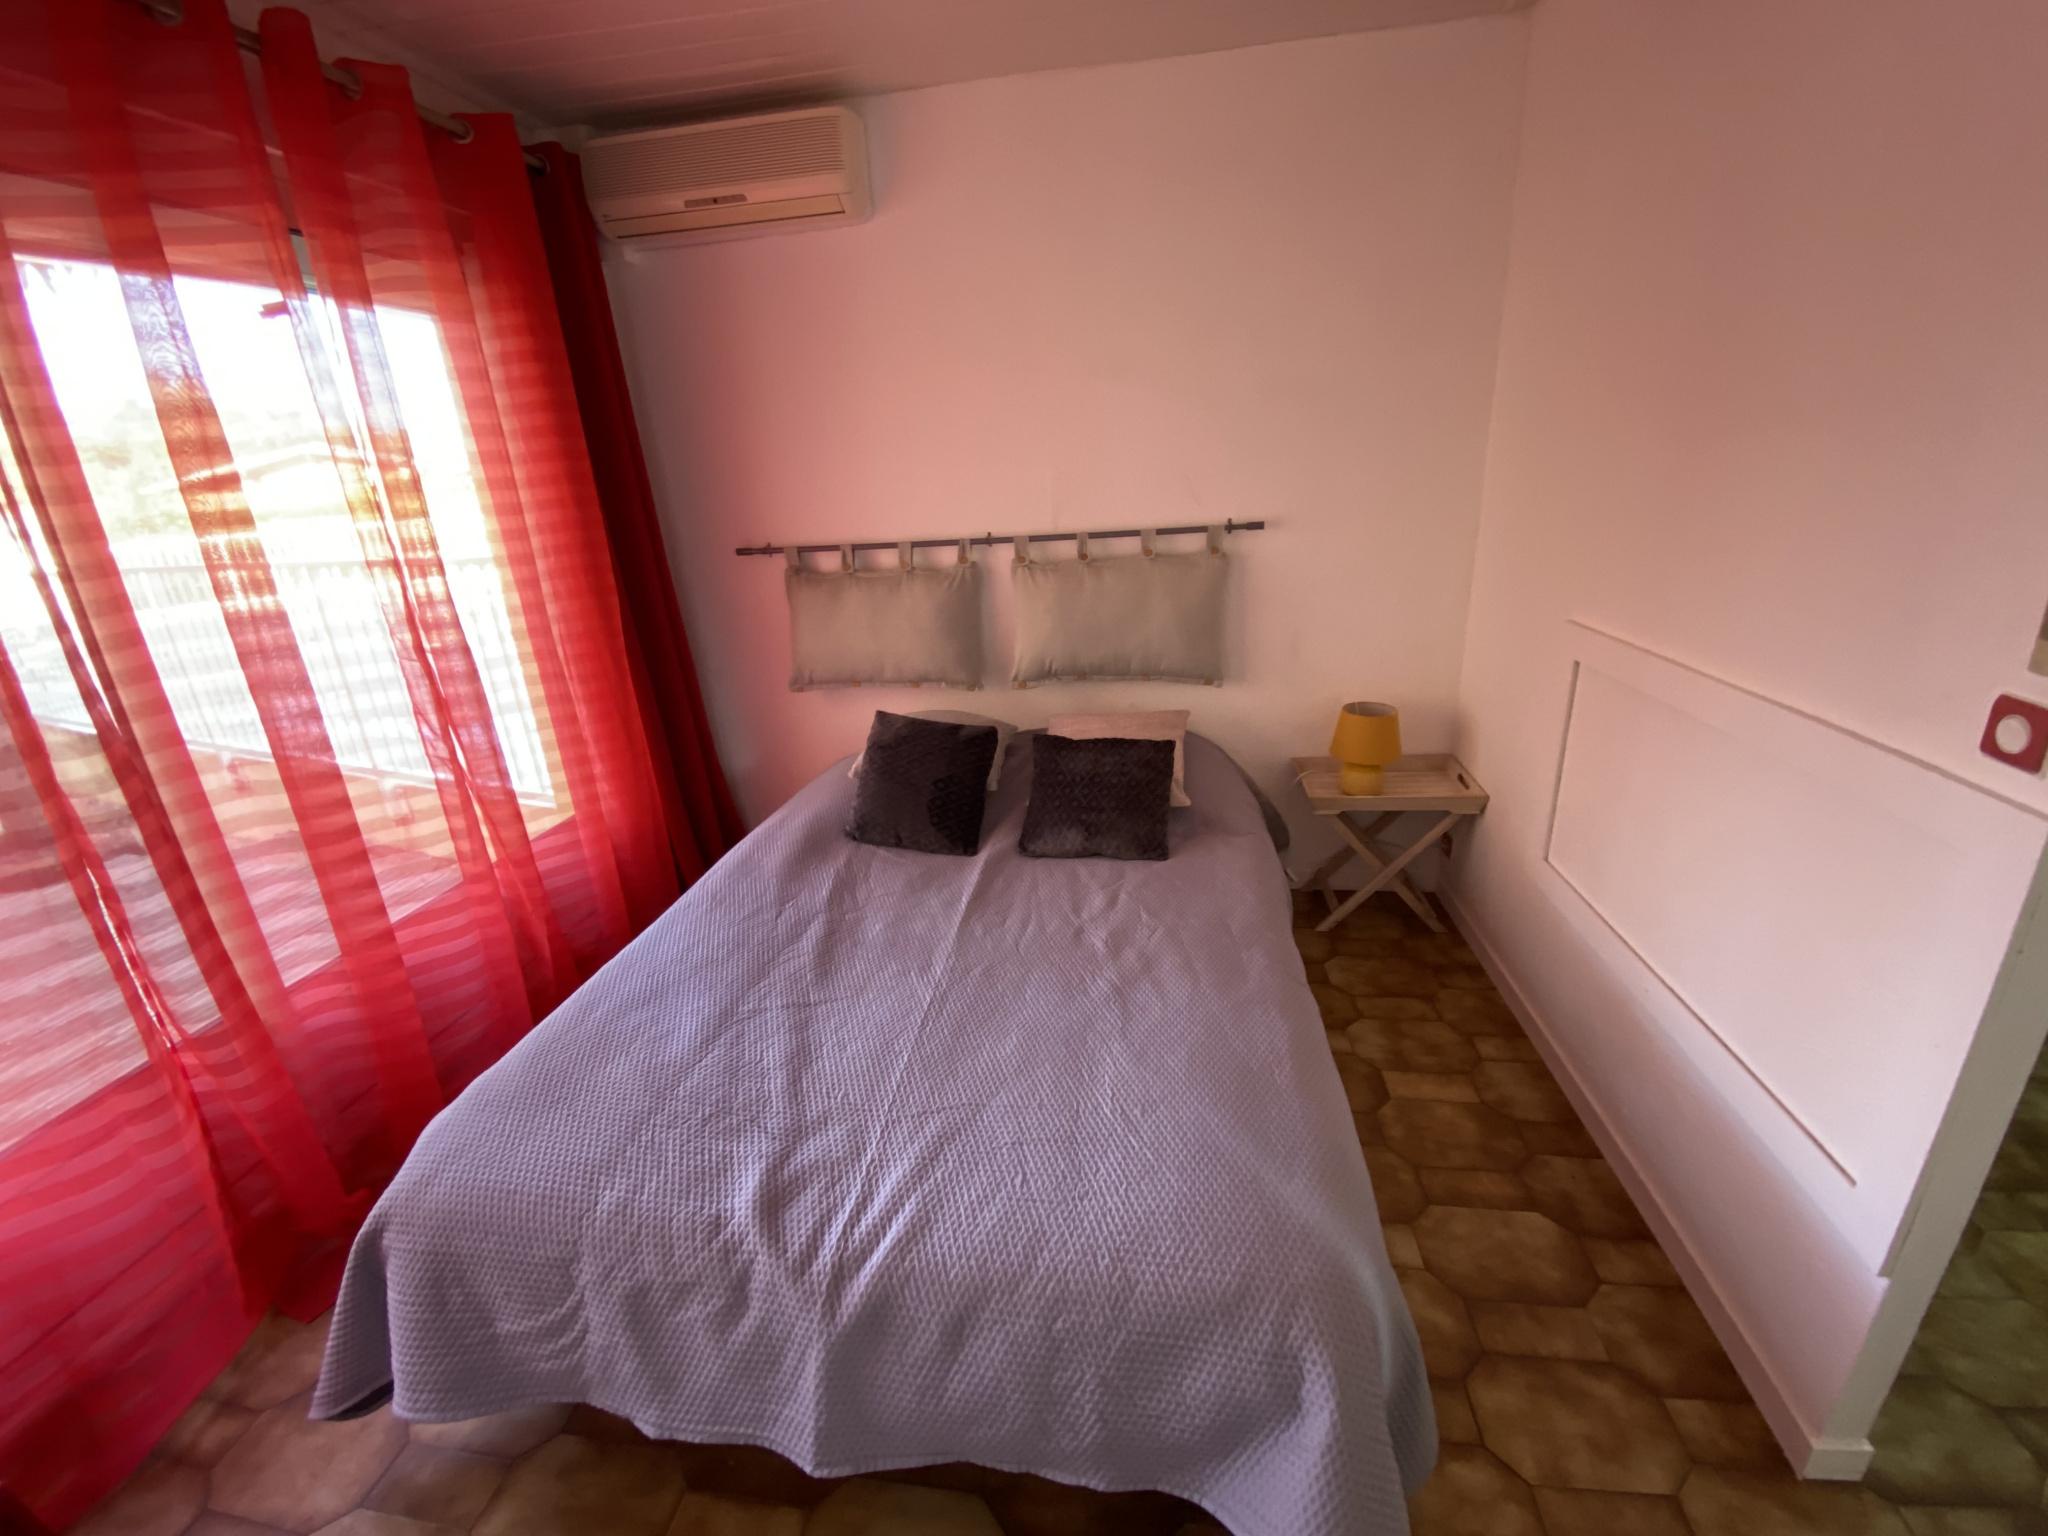 À vendre appartement de 71m2 à argeles sur mer (66700) - Photo 6'